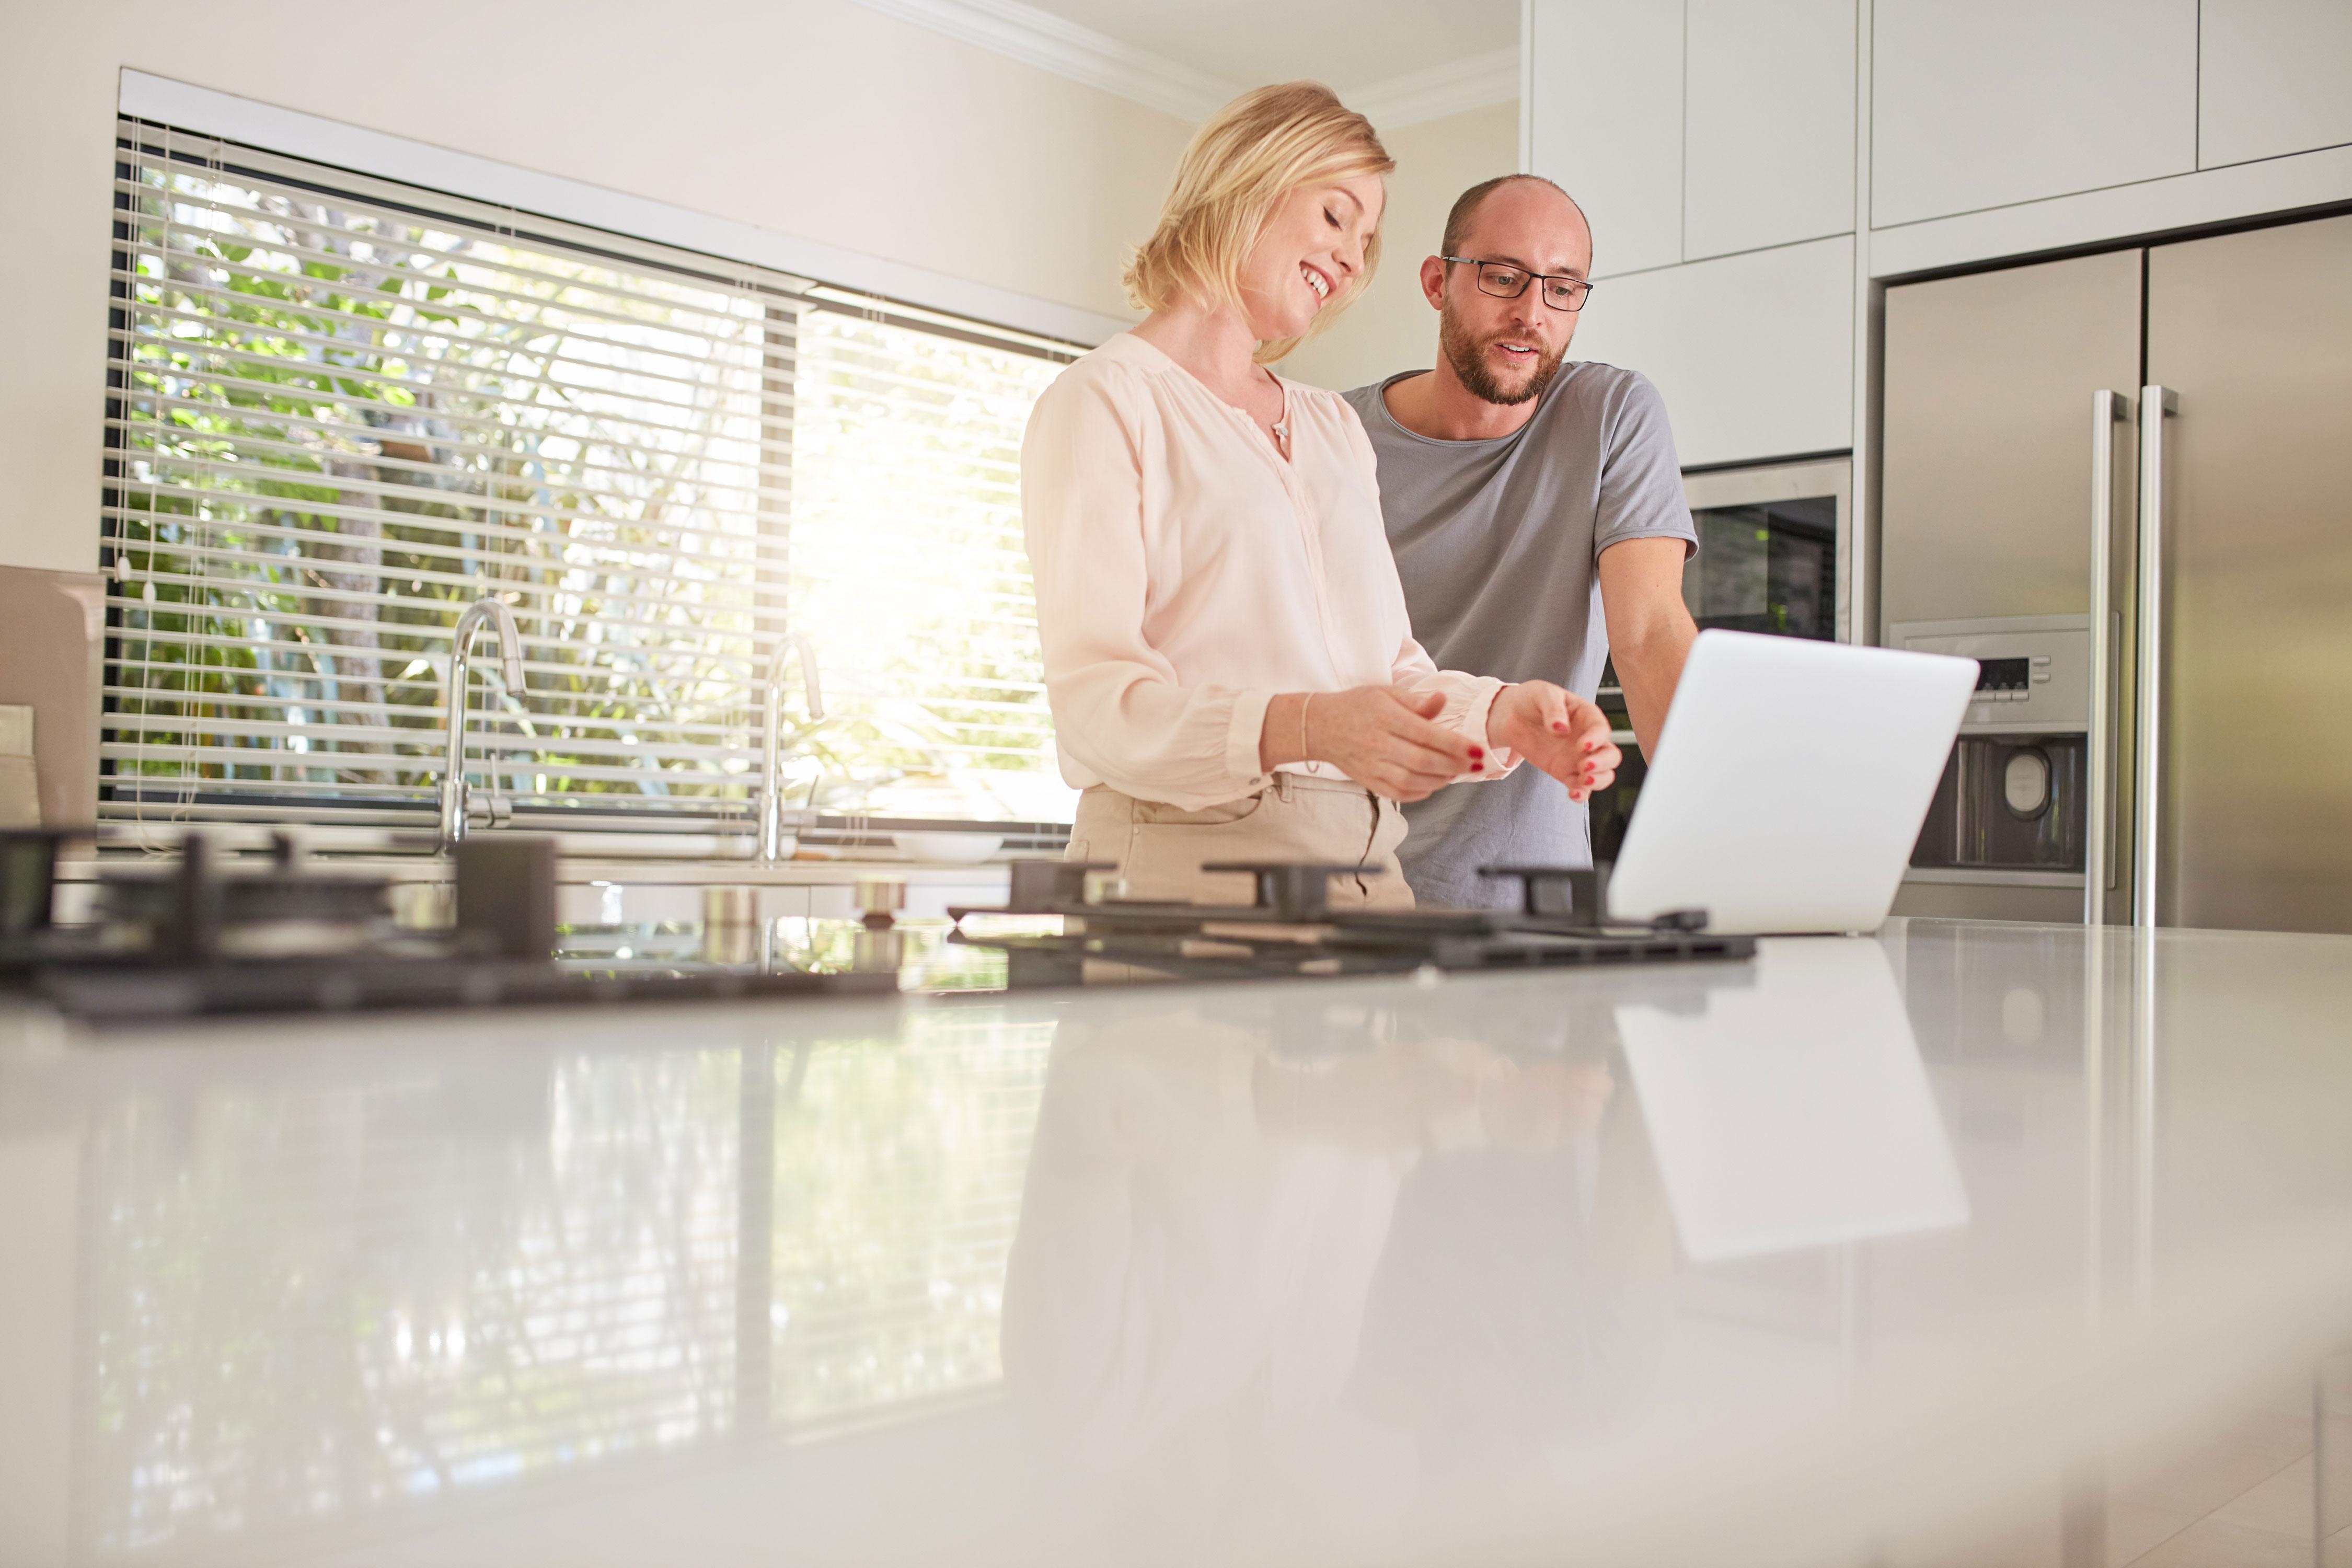 stromtarife 2019 vergleichen mit verivox bis zu 720 sparen. Black Bedroom Furniture Sets. Home Design Ideas